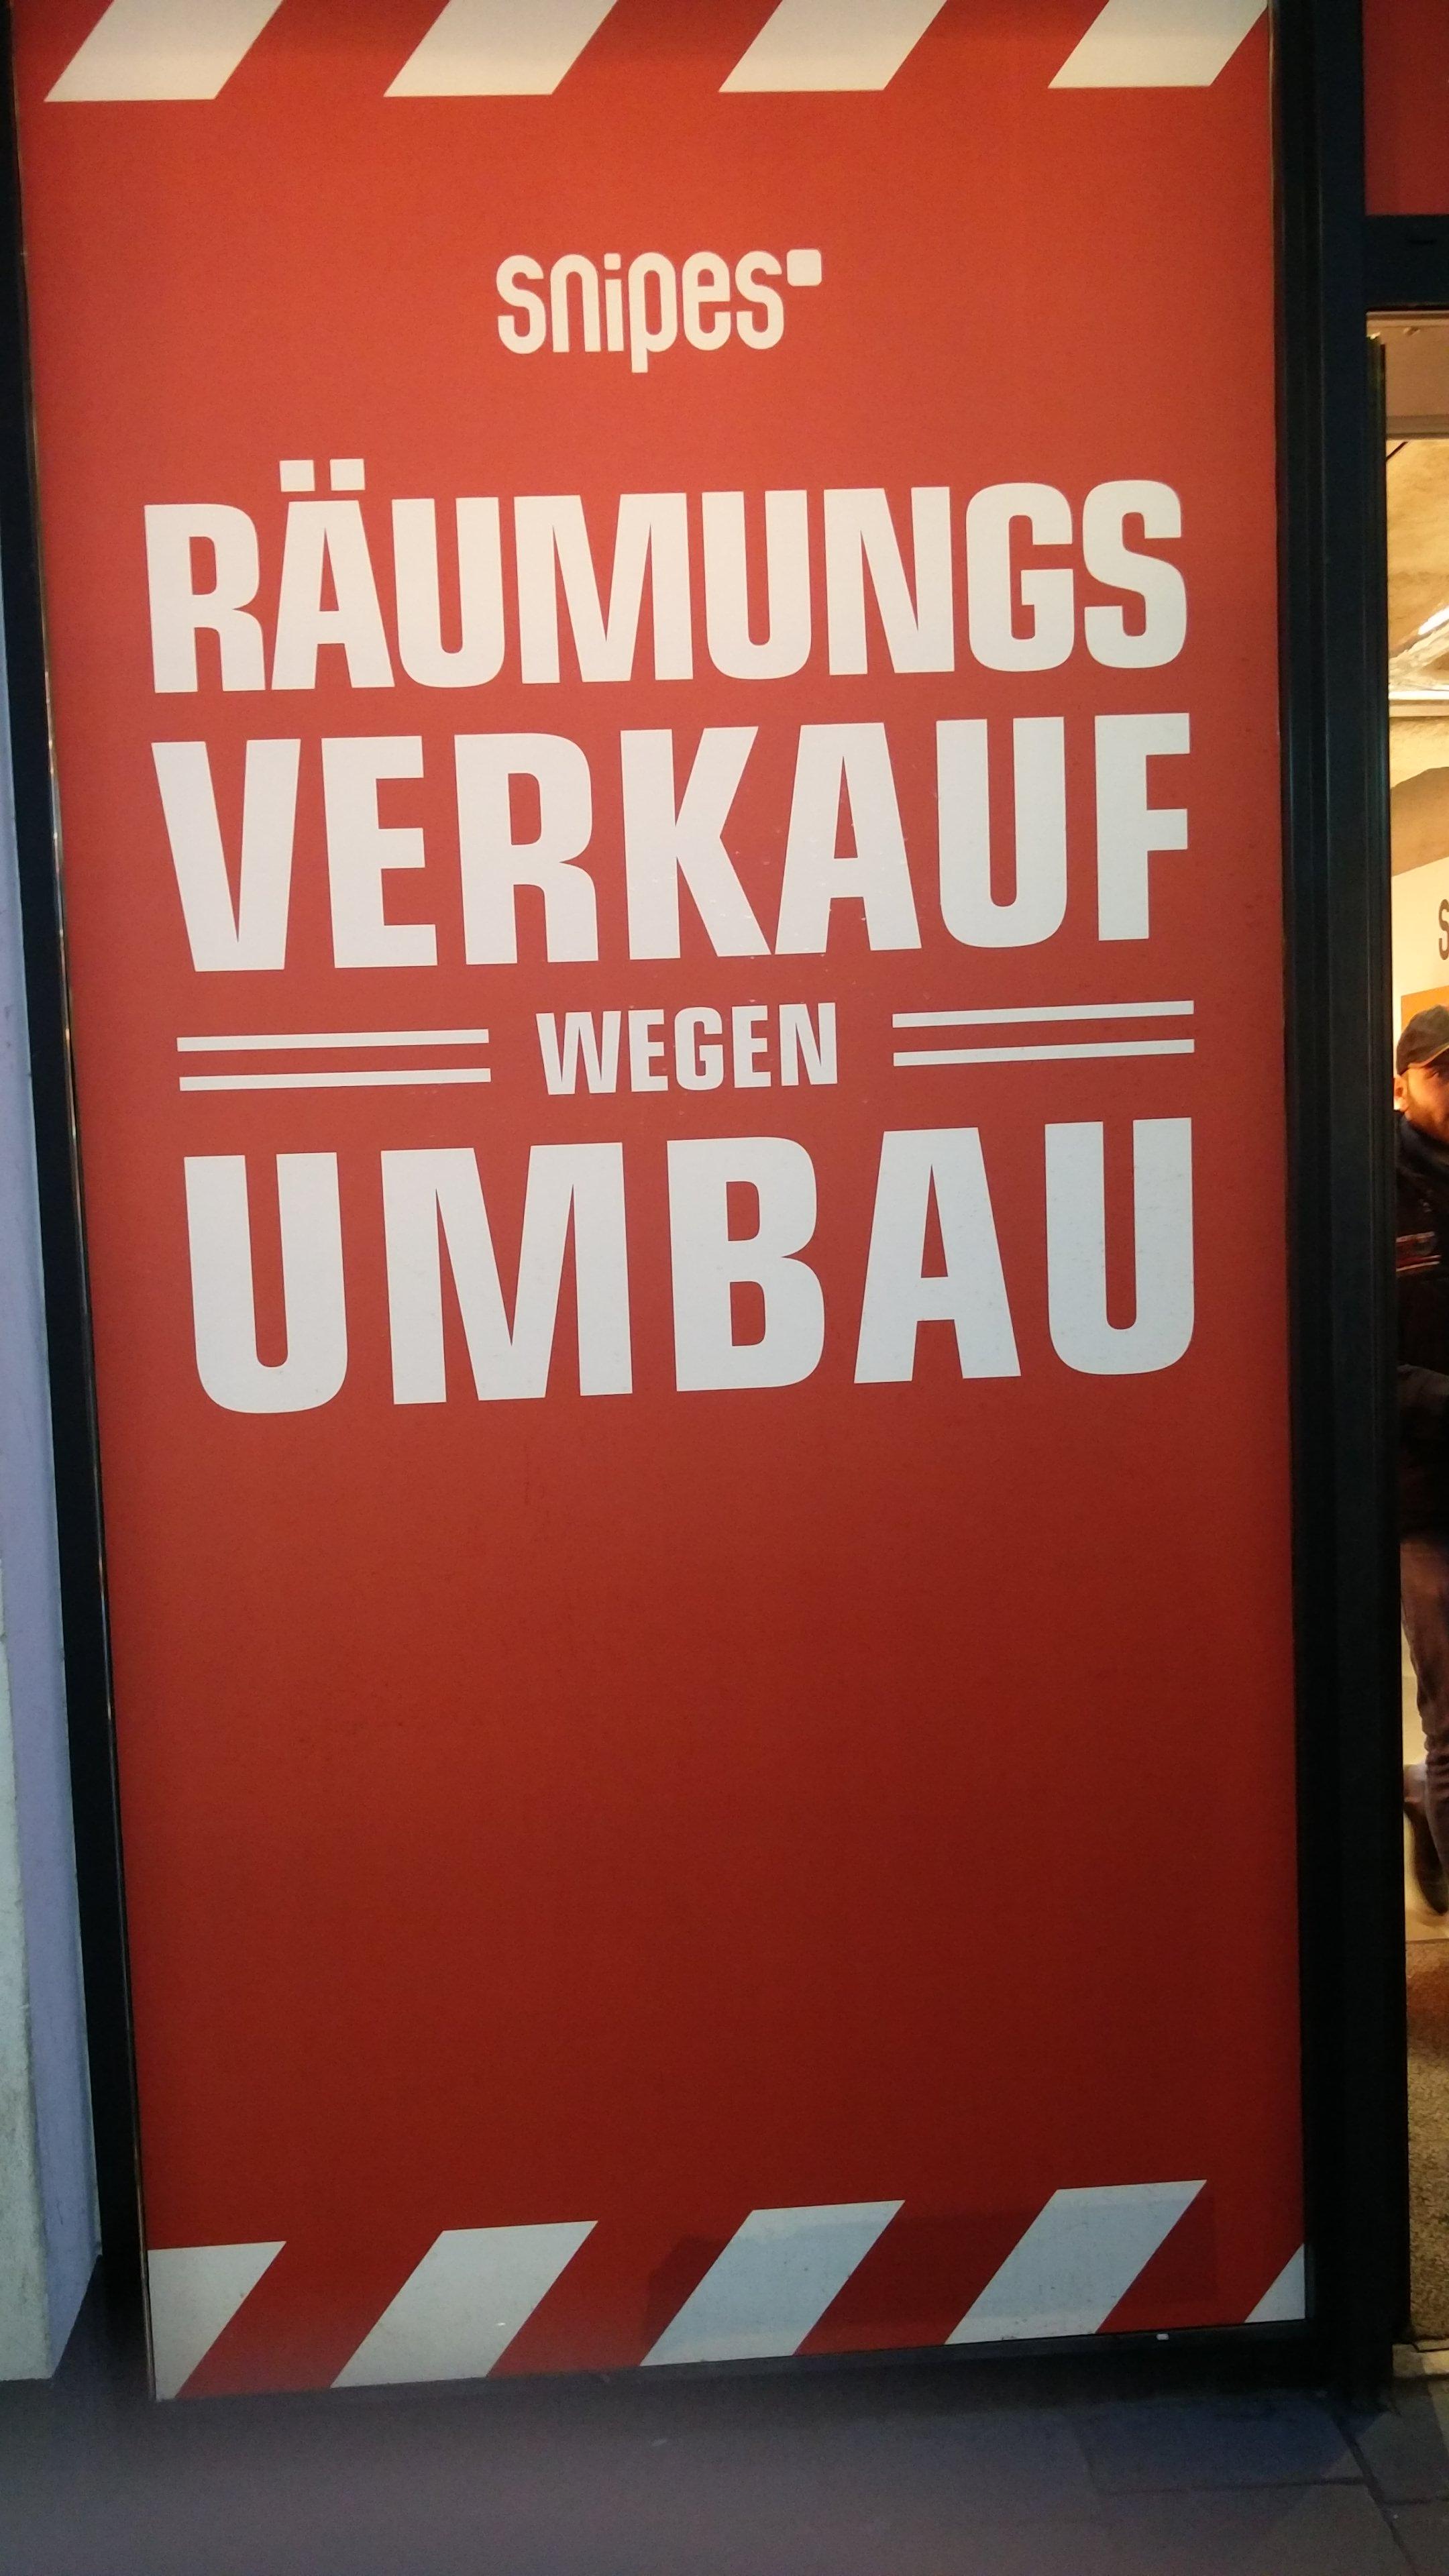 Lokal Bonn Snipes Räumungsverkauf Reduzierungen + 10 Euro Rabatt Schuhe